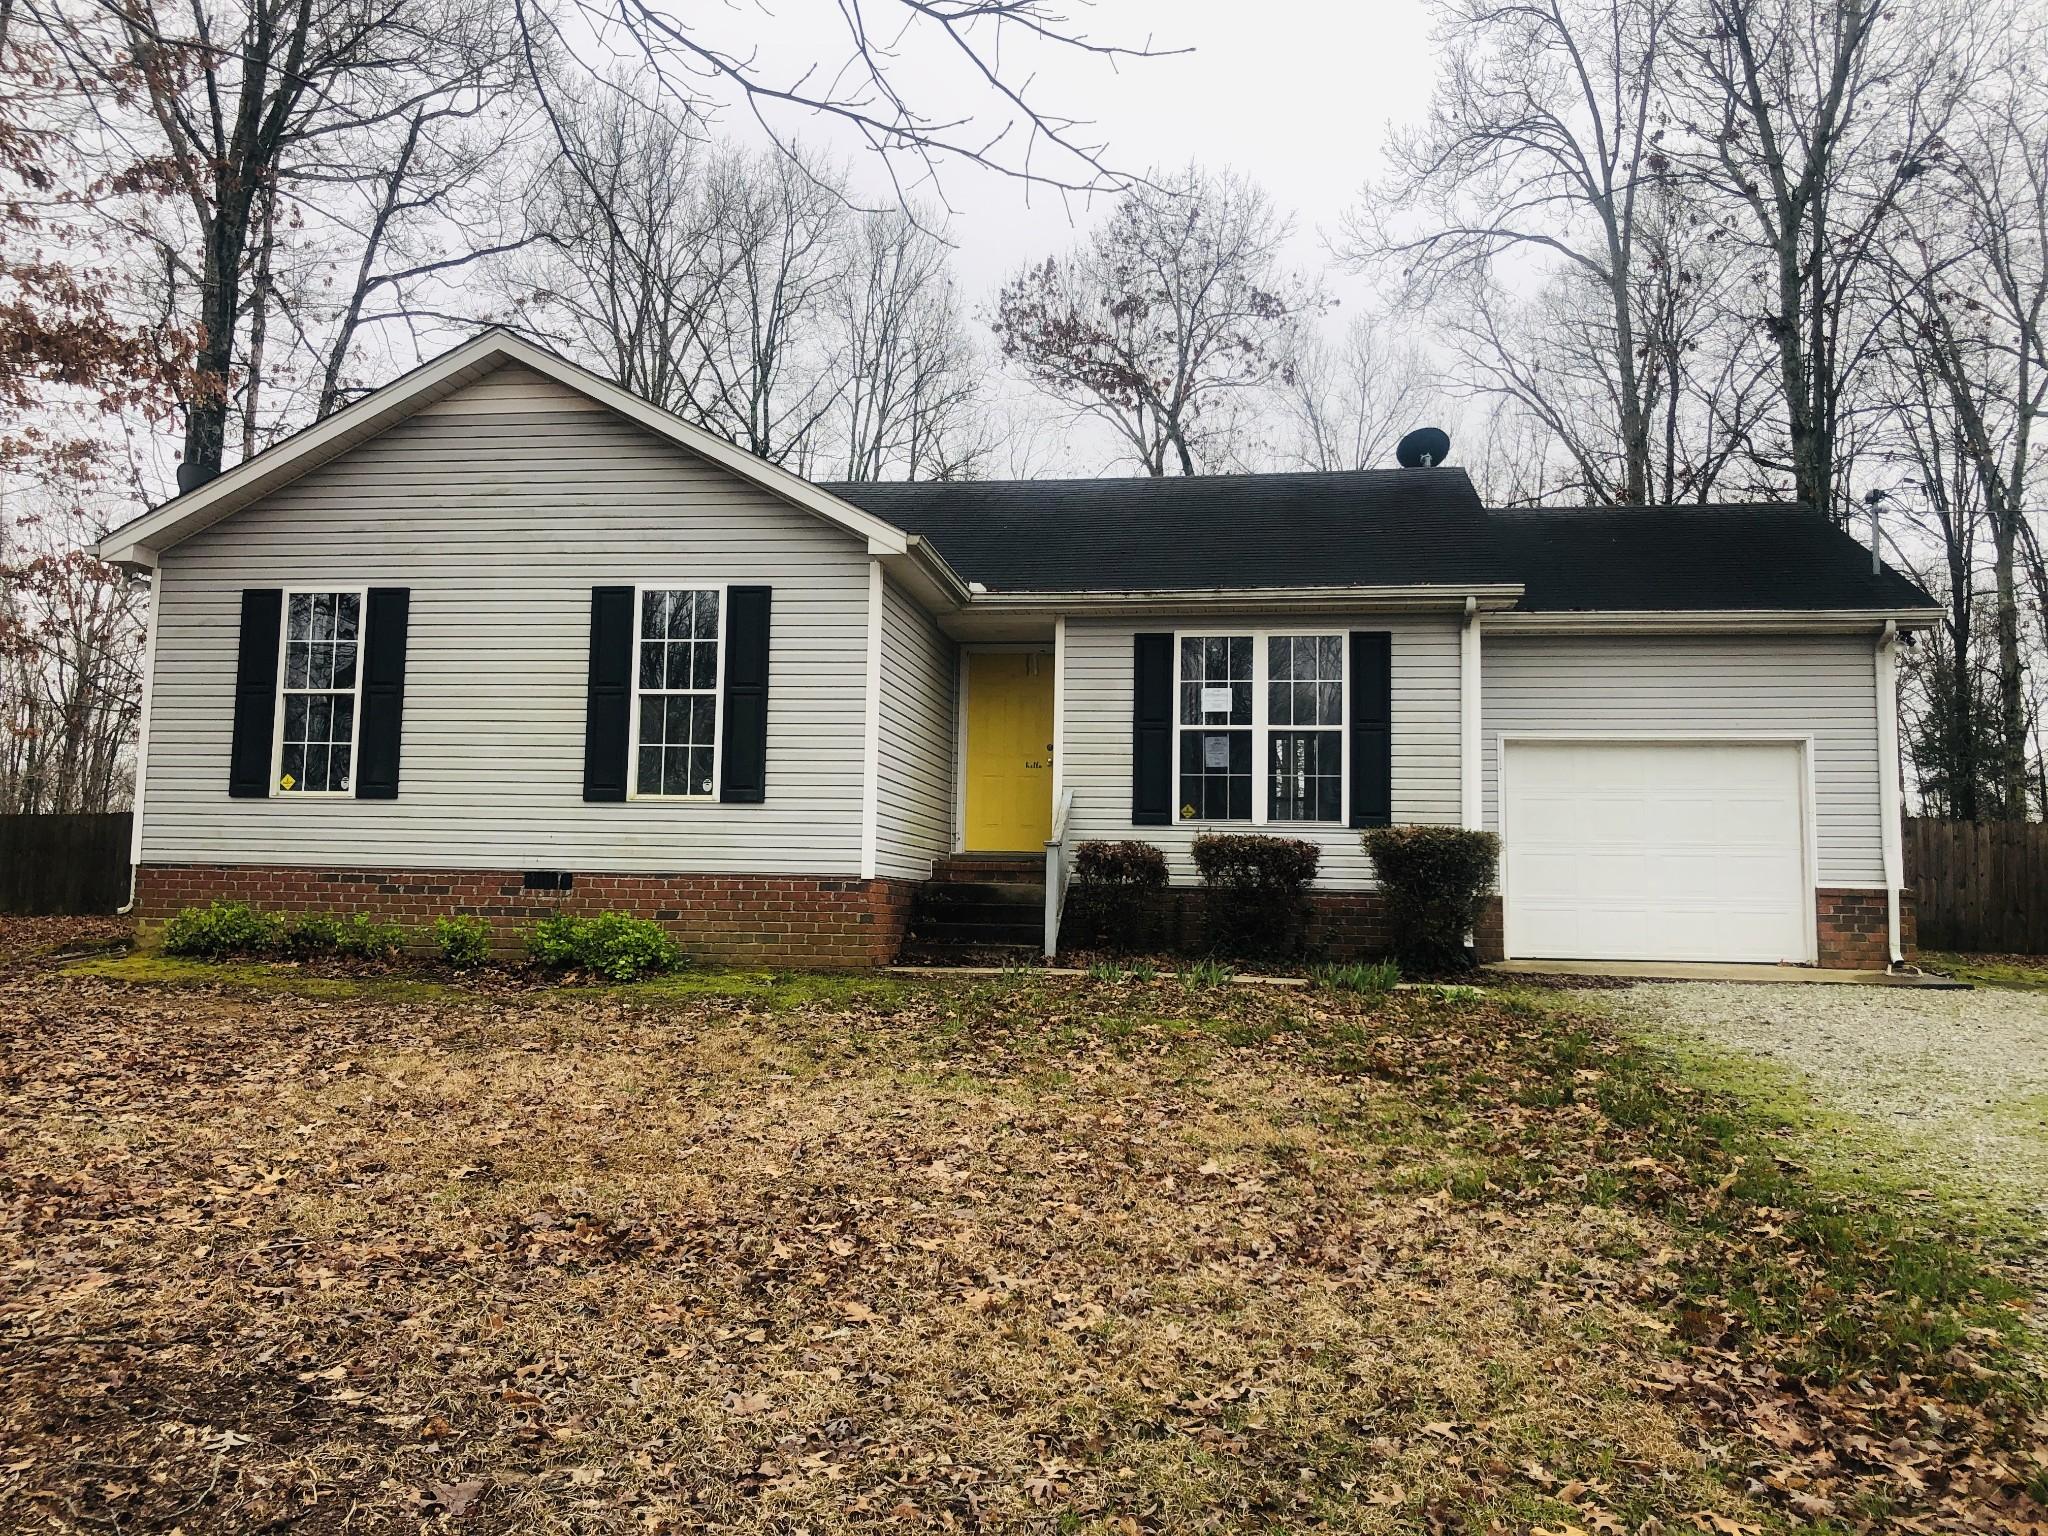 10087 Carolina Dr, Nunnelly, TN 37137 - Nunnelly, TN real estate listing